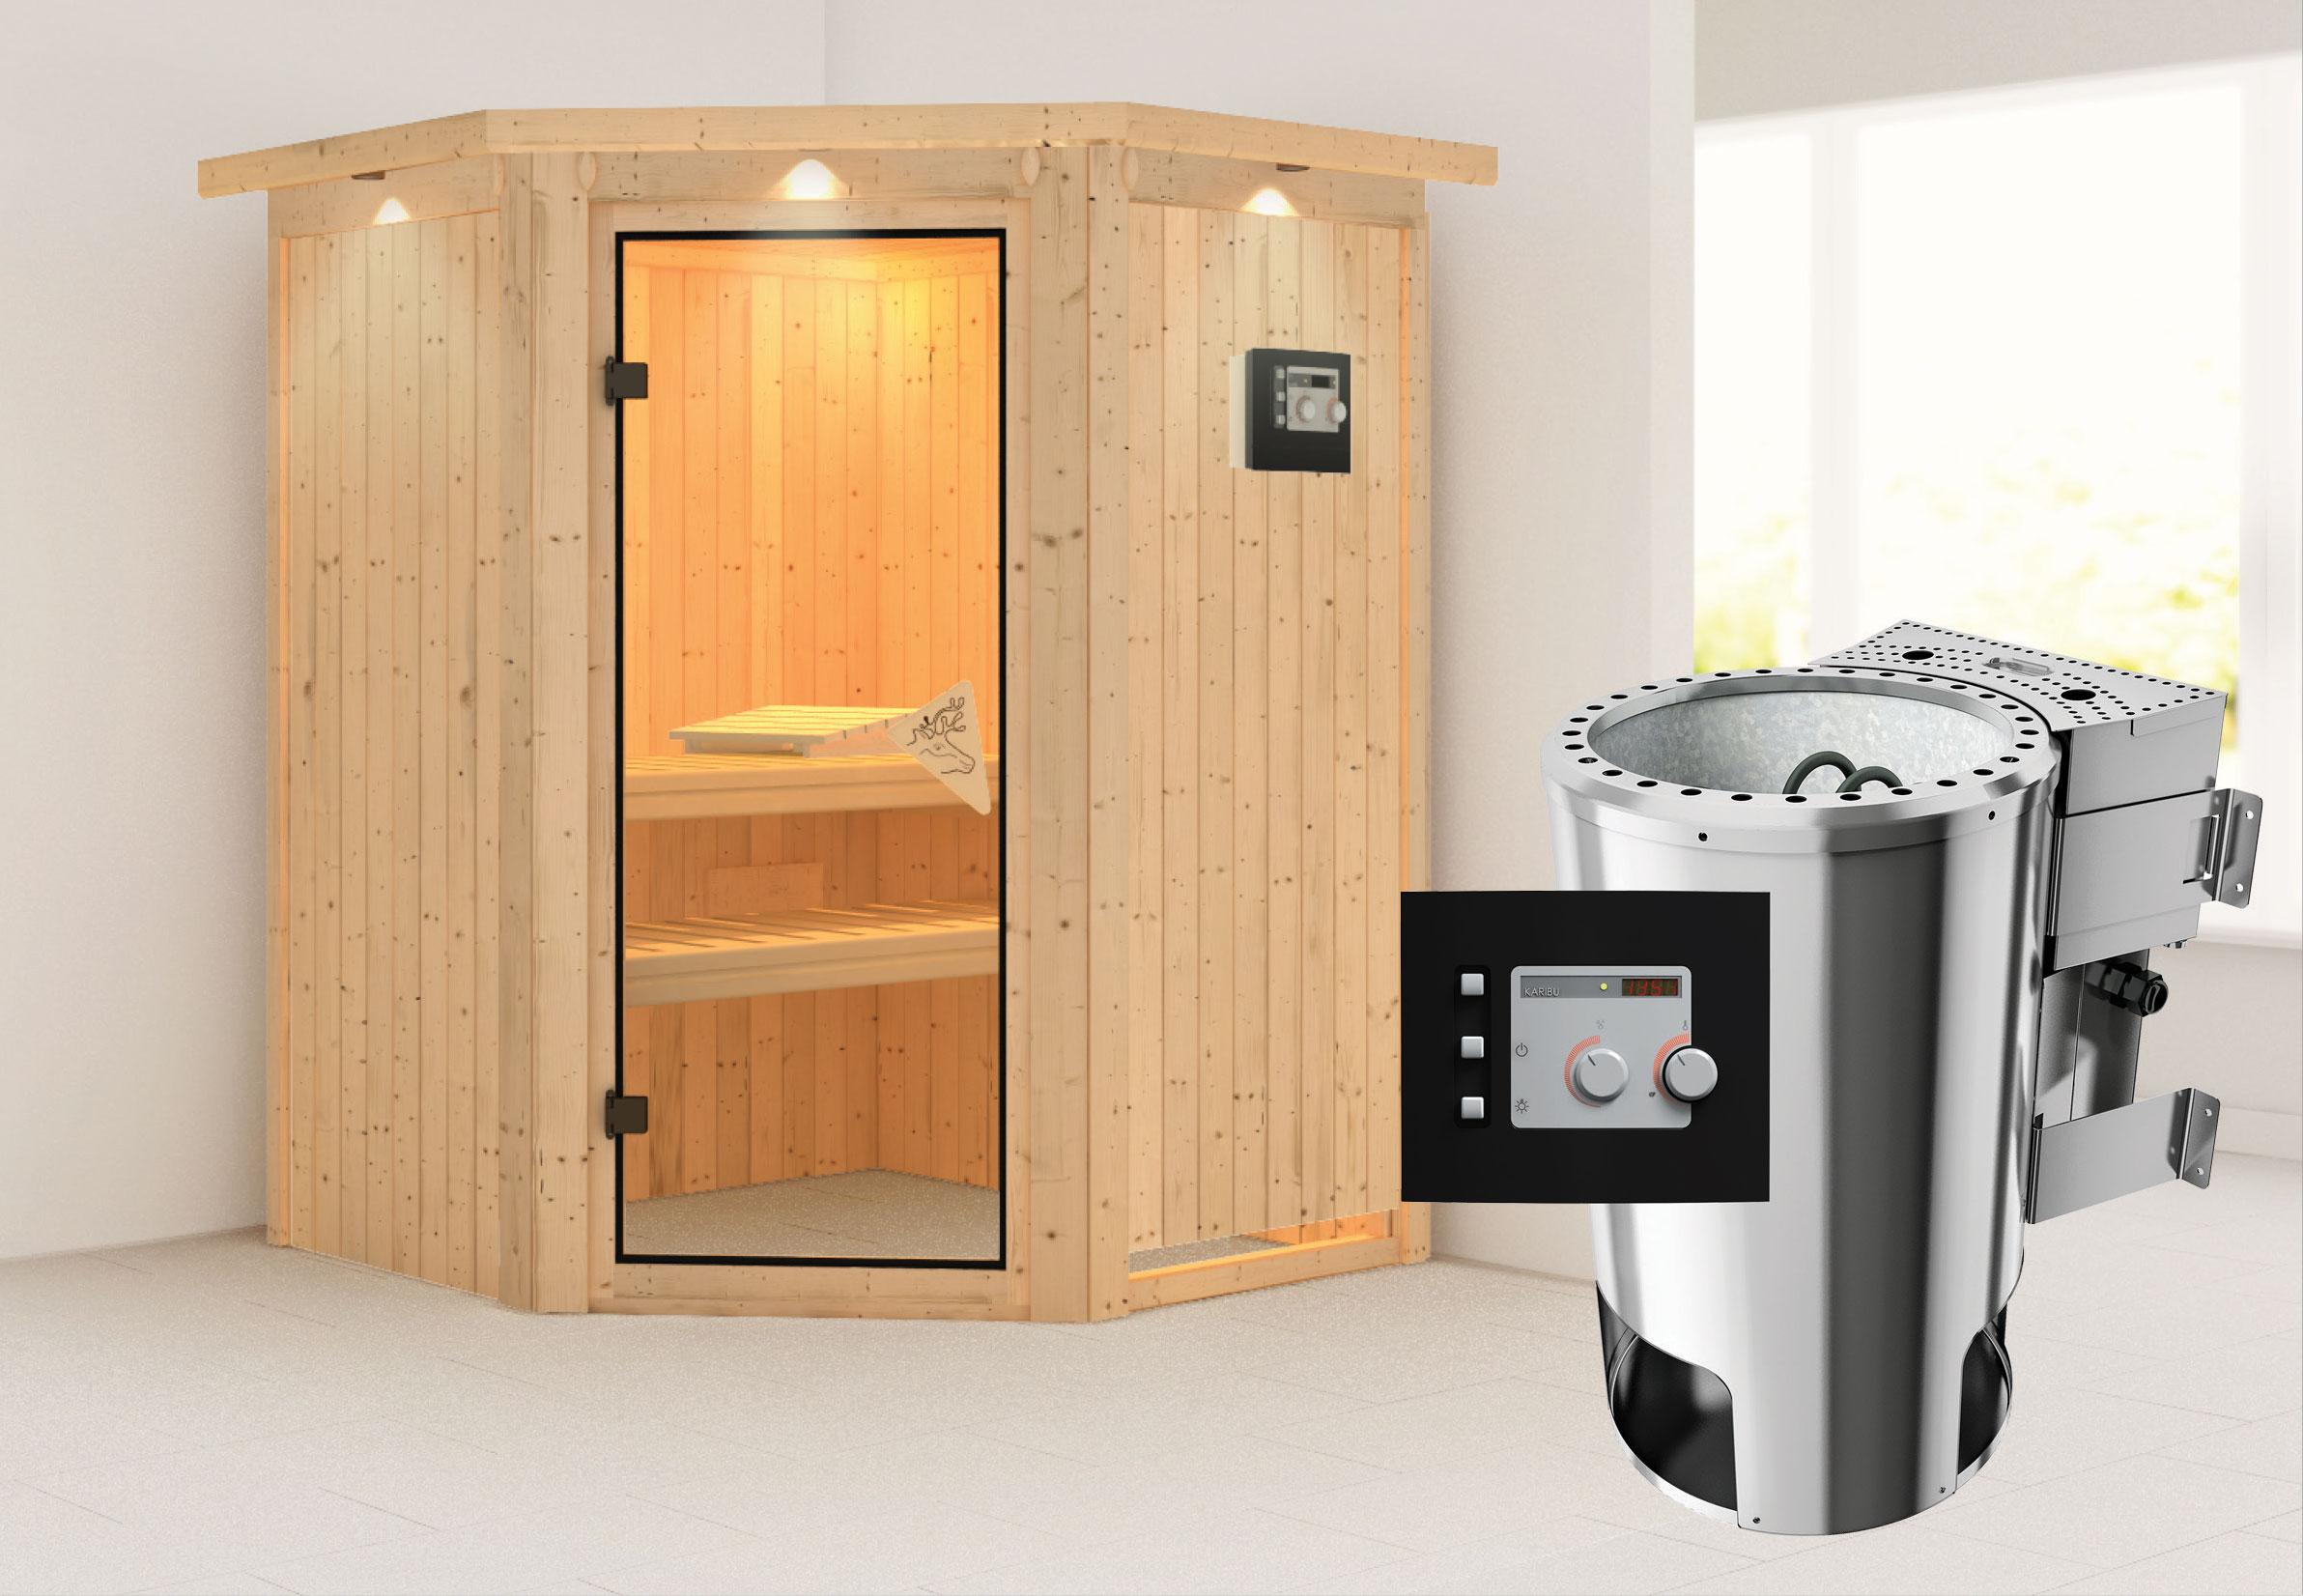 Karibu Sauna Nanja 68mm 230V Dachkranz + BioOfen 3,6kW ext classic Tür Bild 1